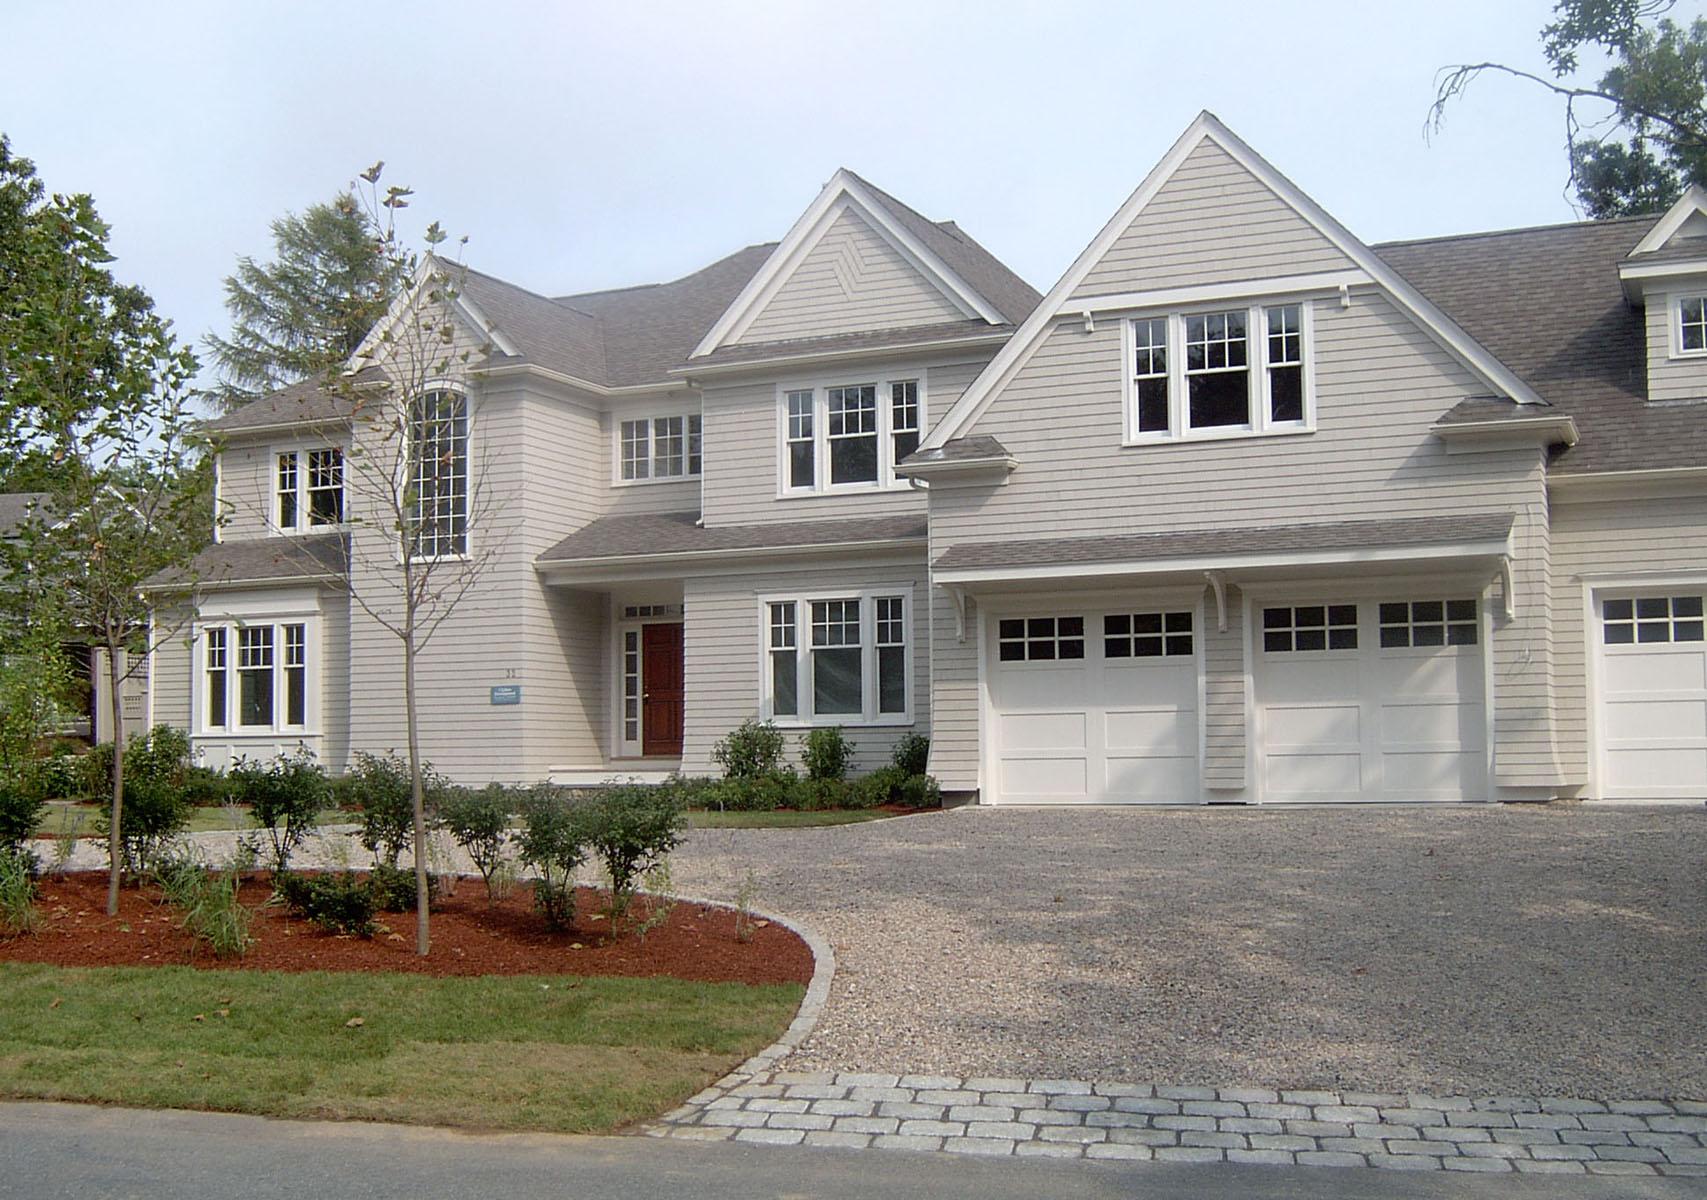 一戸建て のために 売買 アット PRISTINE GOLF FRONT HOME 32 Glenneagle Drive New Seabury, マサチューセッツ, 02649 アメリカ合衆国